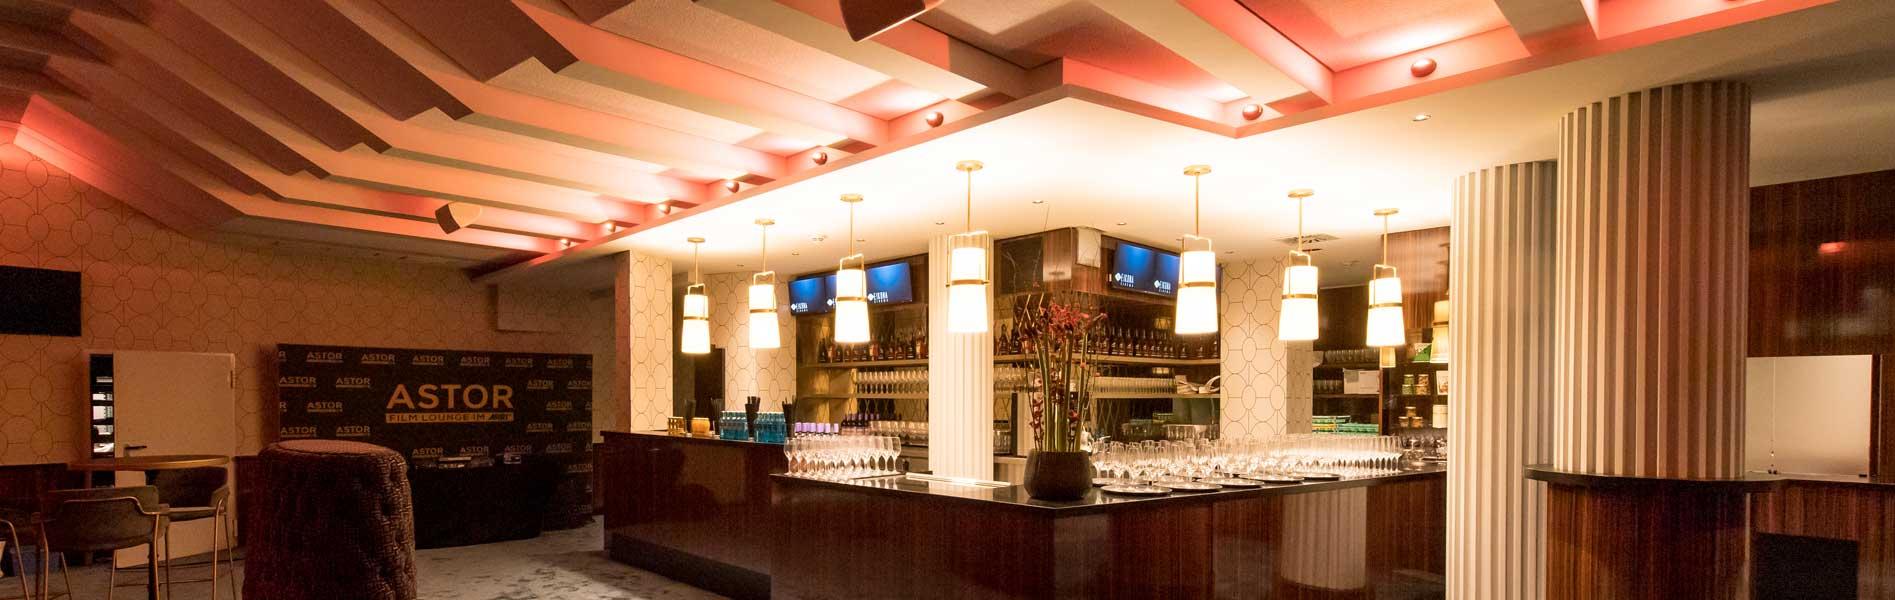 ARRI Astor Filmlounge_Unikorn Catering - Catering München - Location München Unikorn Catering & Events